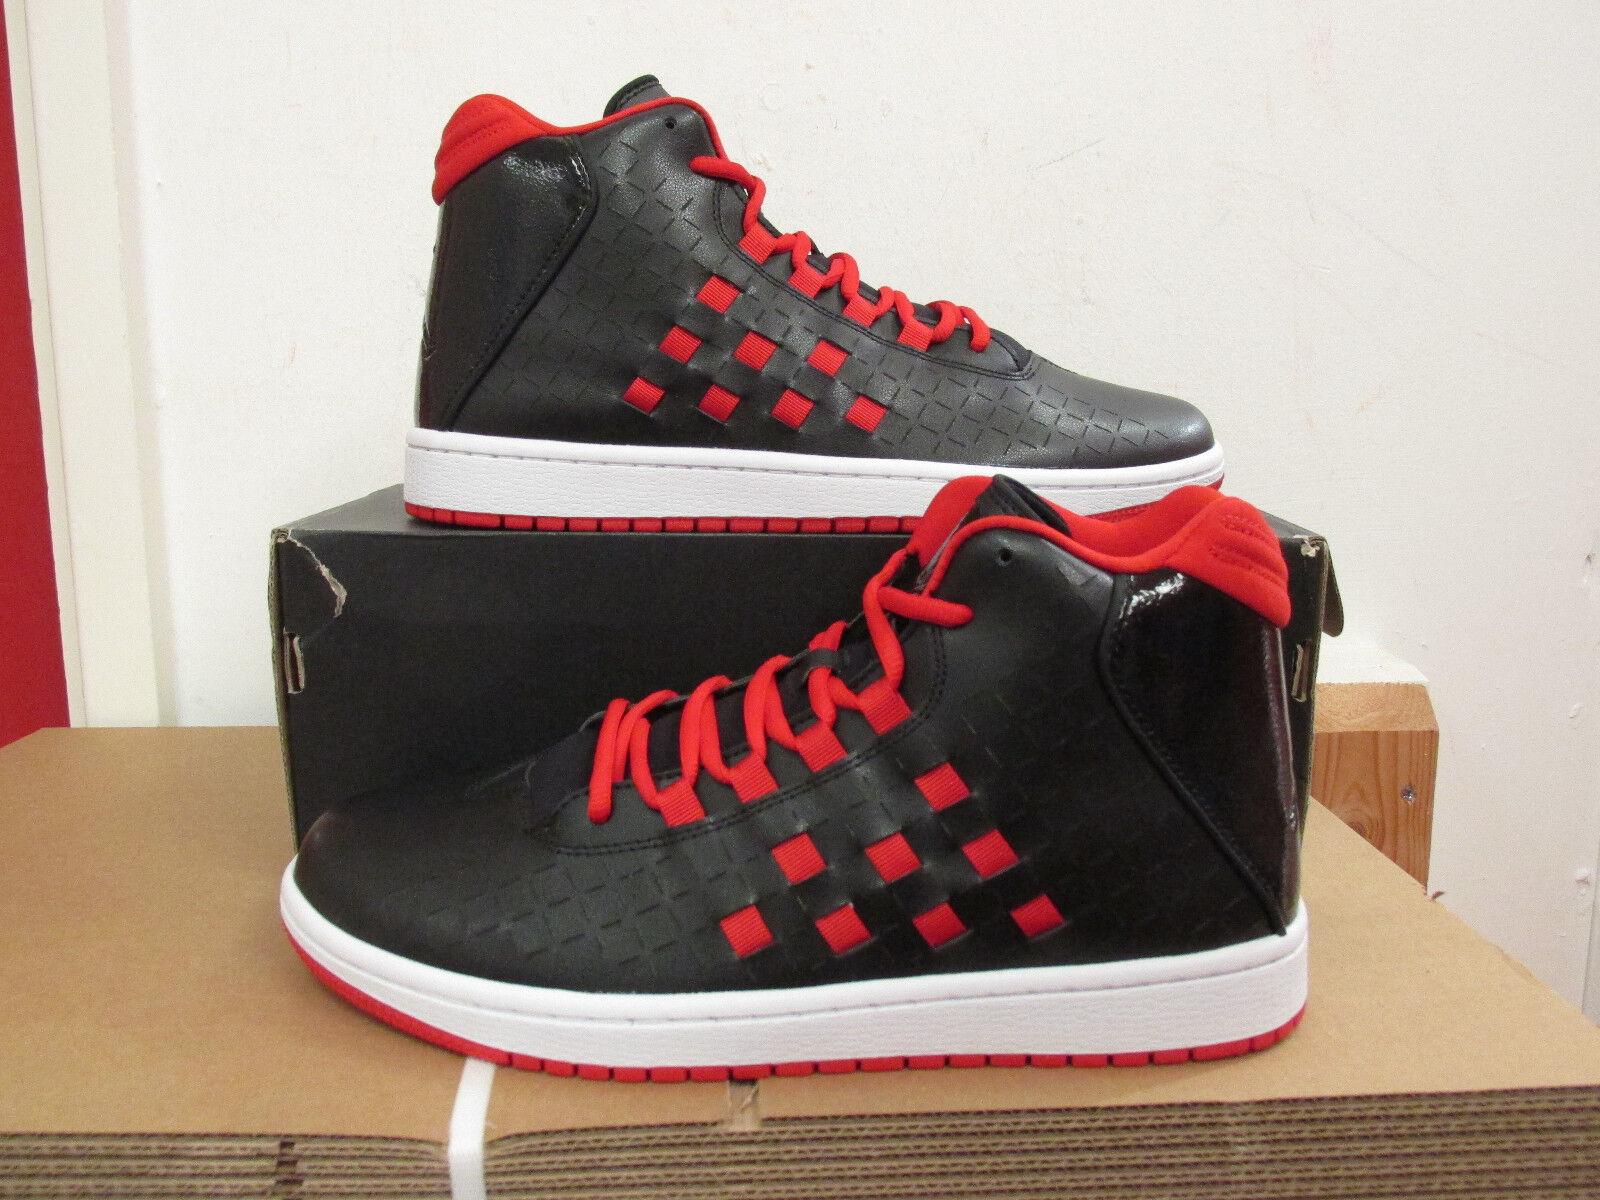 Nike Air Jordan Illusion 705141 001 mens trainers sneakers CLEARANCE